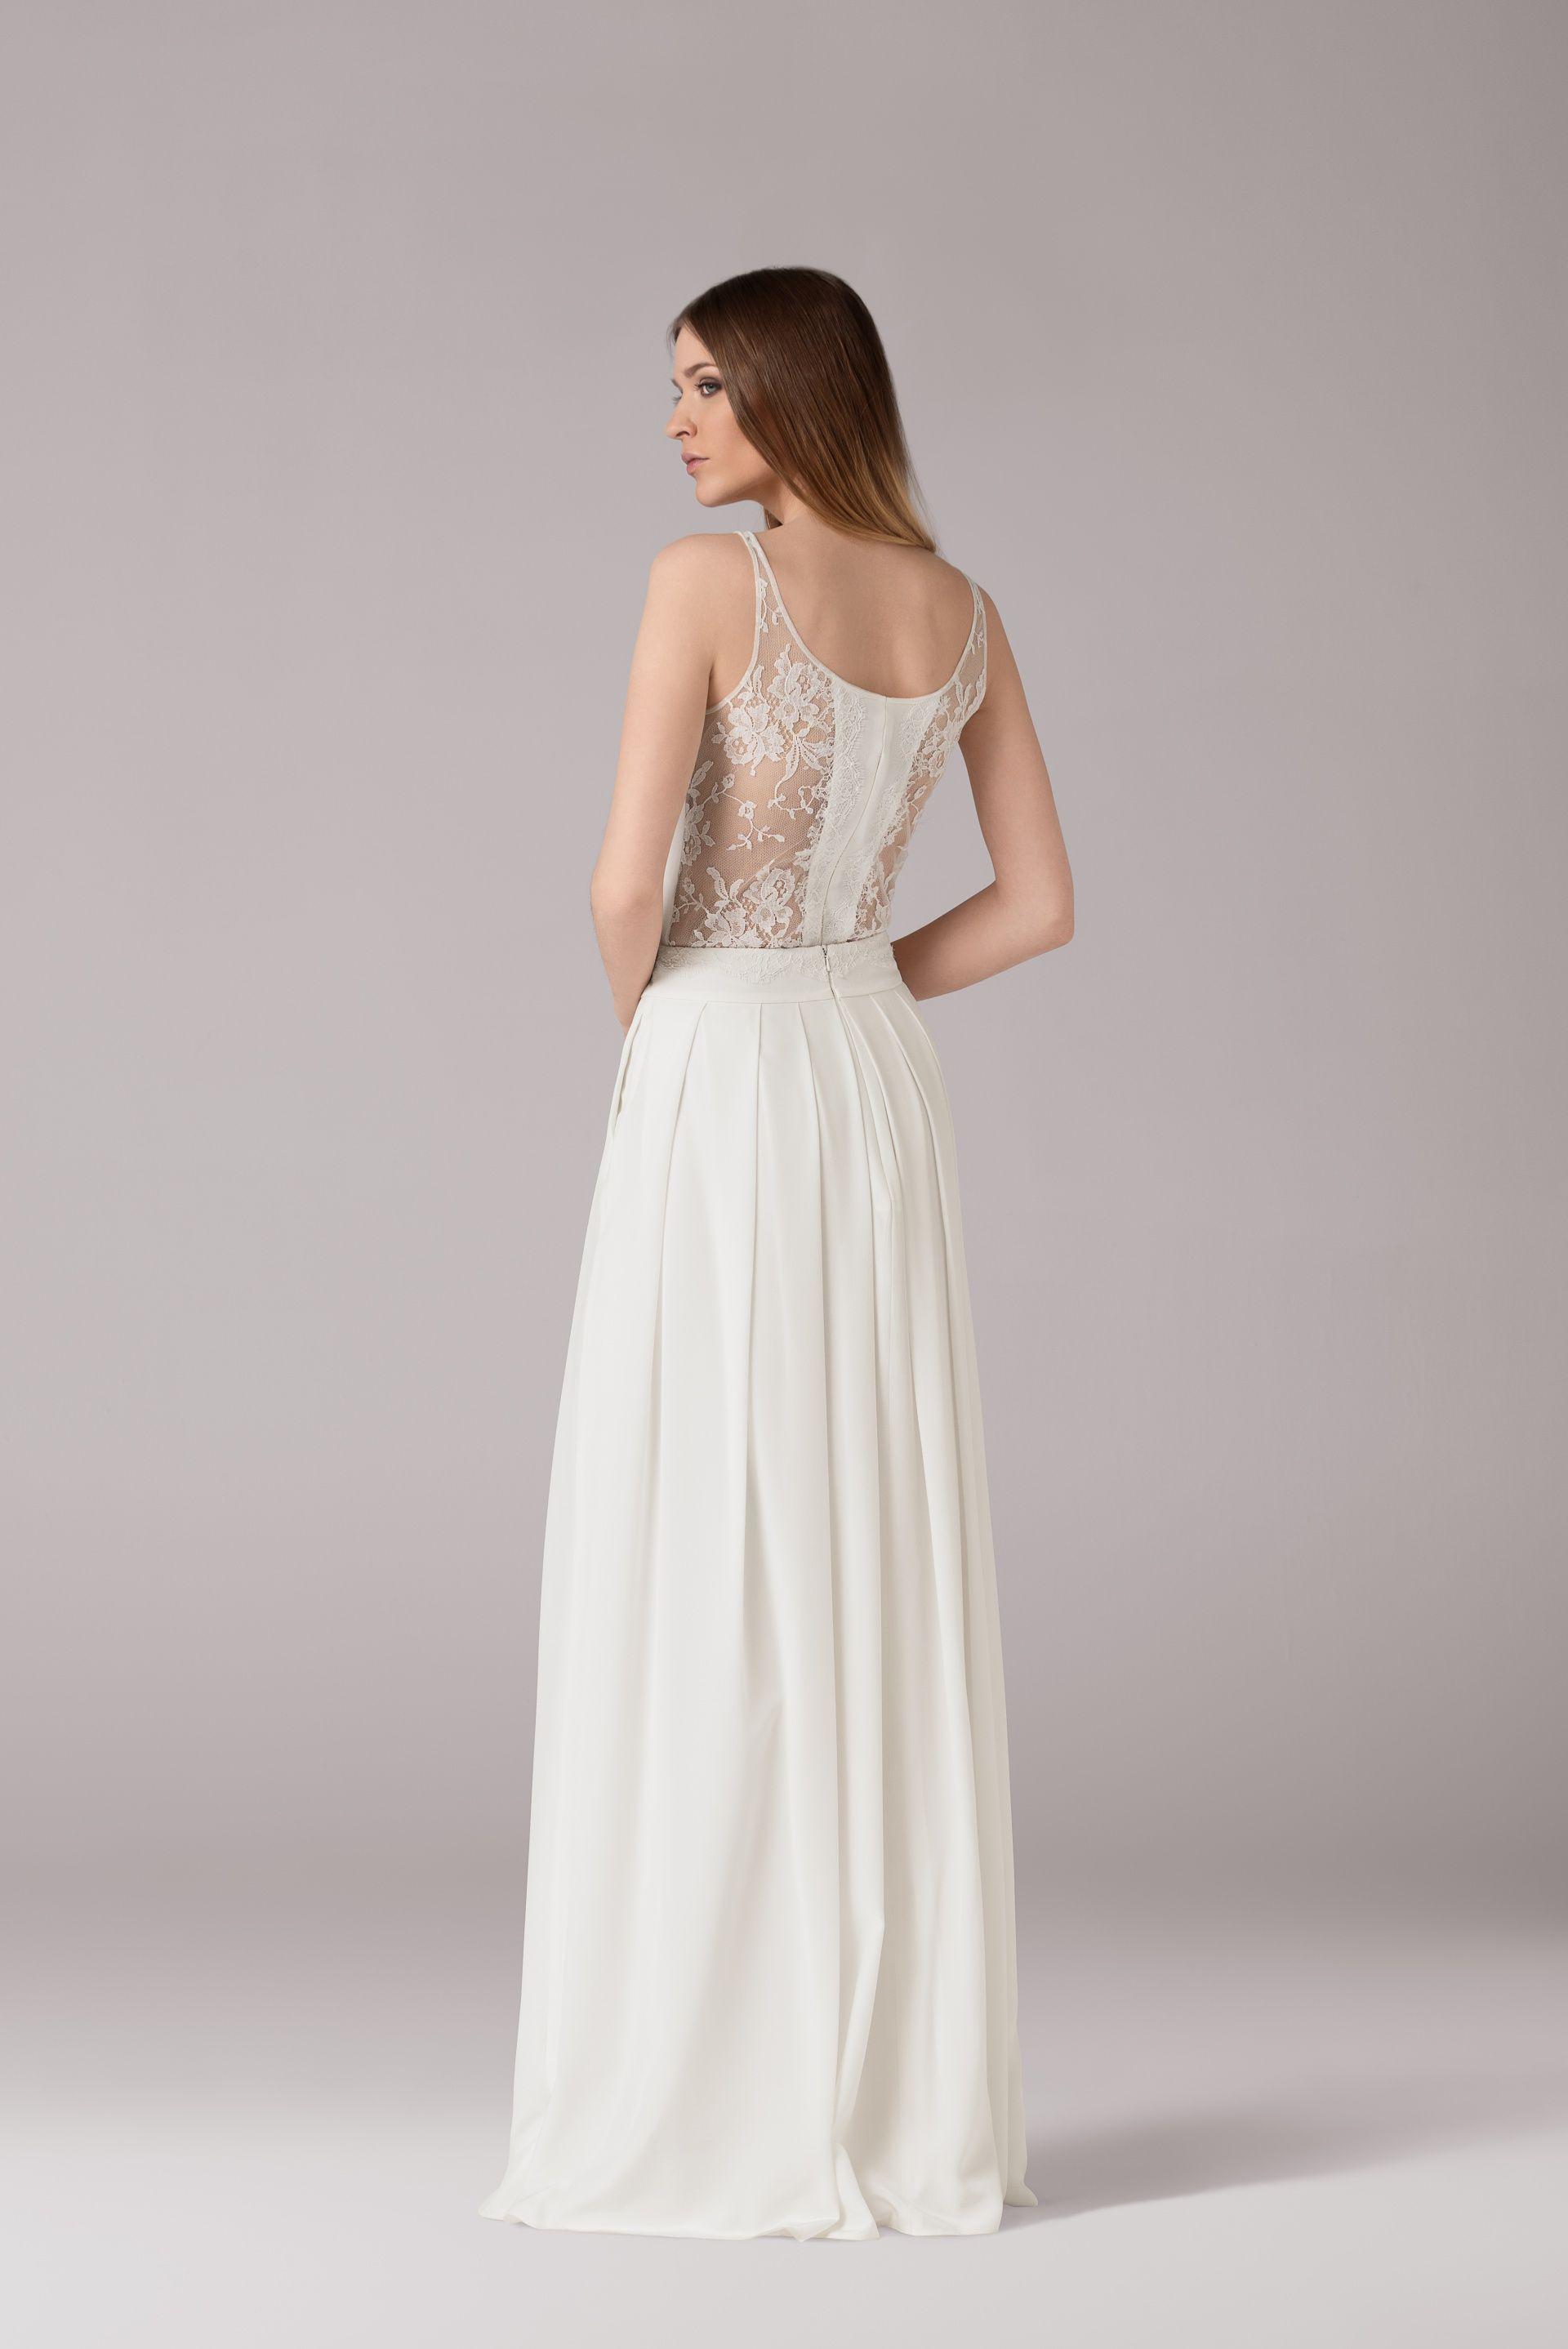 Trendy wedding dresses  Beautiful modern wedding dress Anna Kara  inspirations  Pinterest